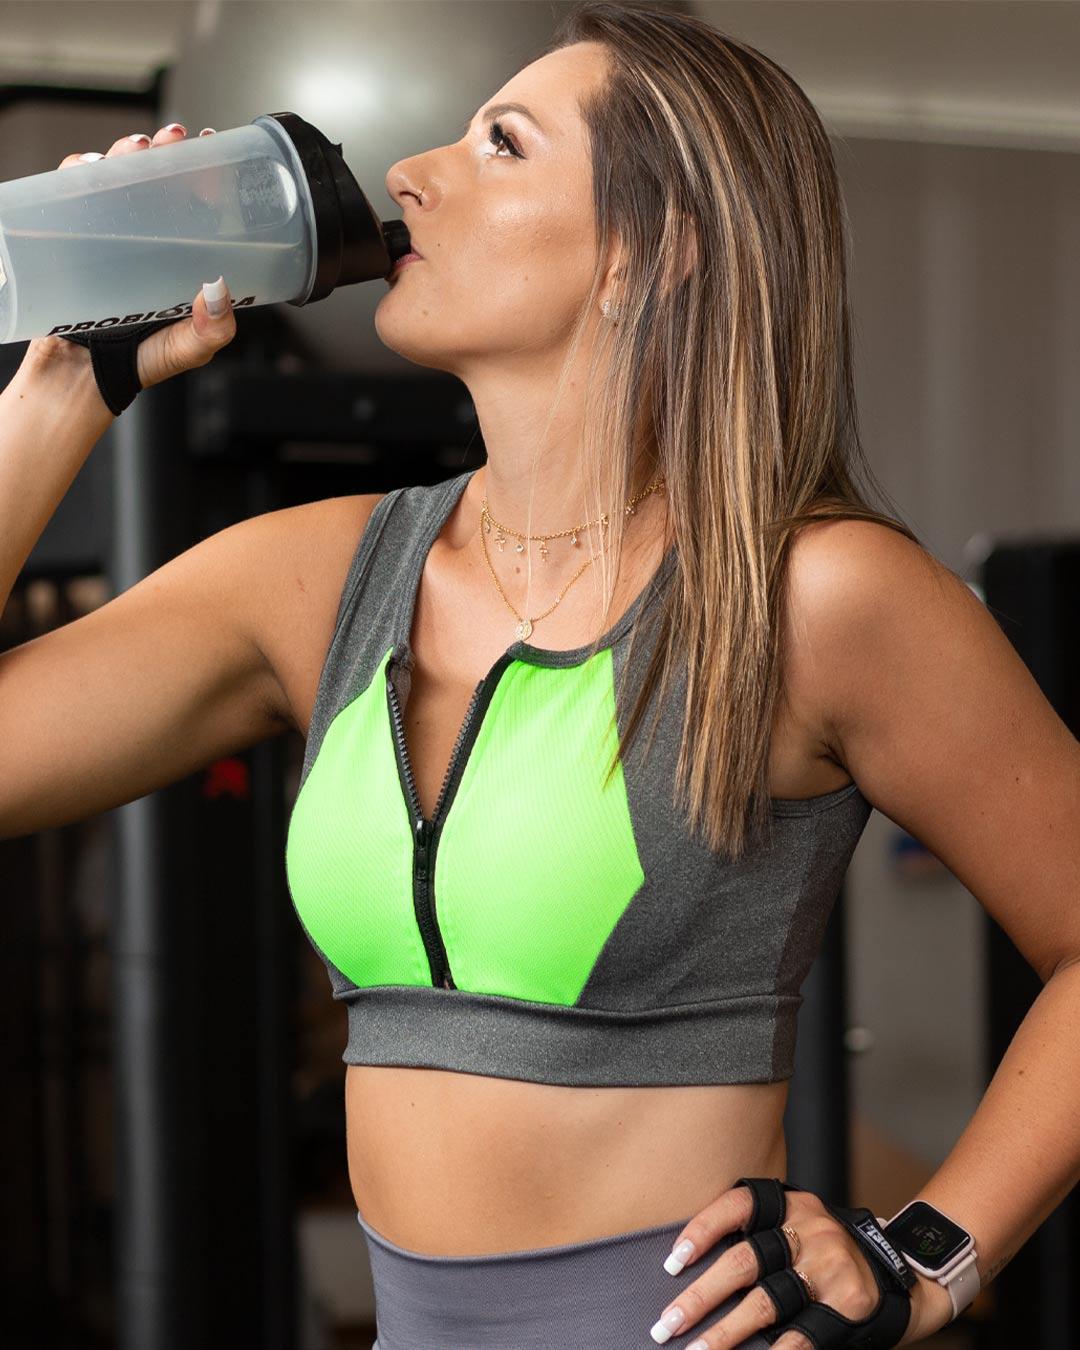 Top Fitness Mescla Com Bojo E Detalhe Verde - Movimente-se